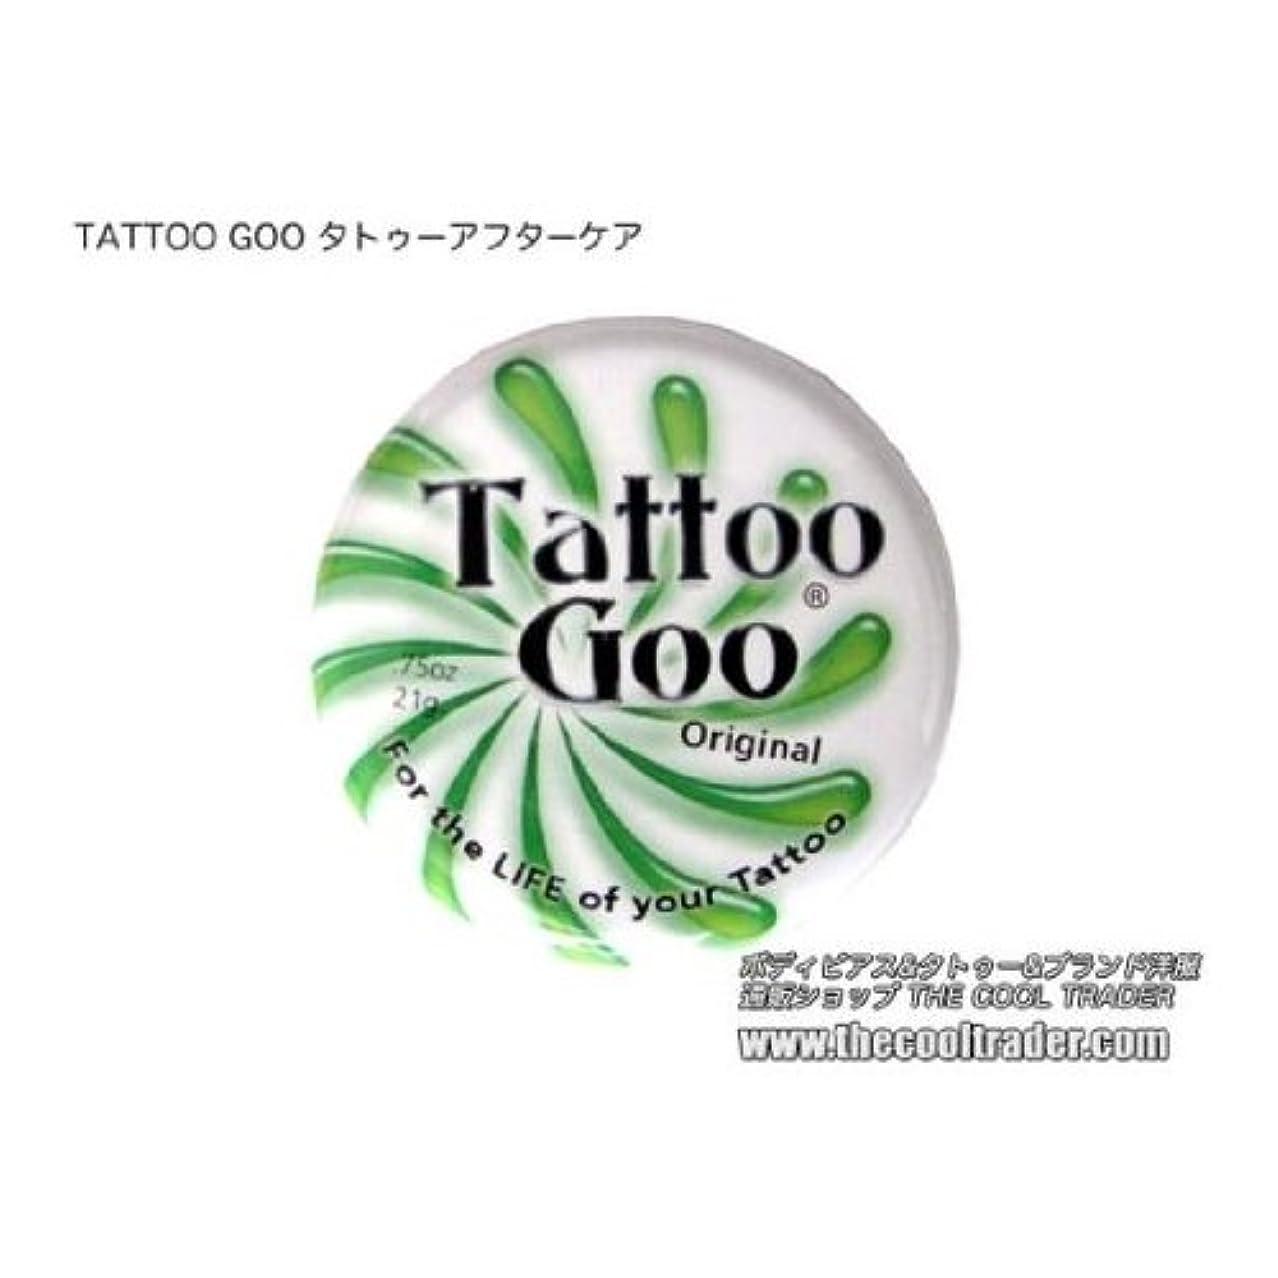 慎重に郵便番号味TATTOO GOO タトゥー&ボディピアス専用アフターケア 軟膏クリーム オリジナル